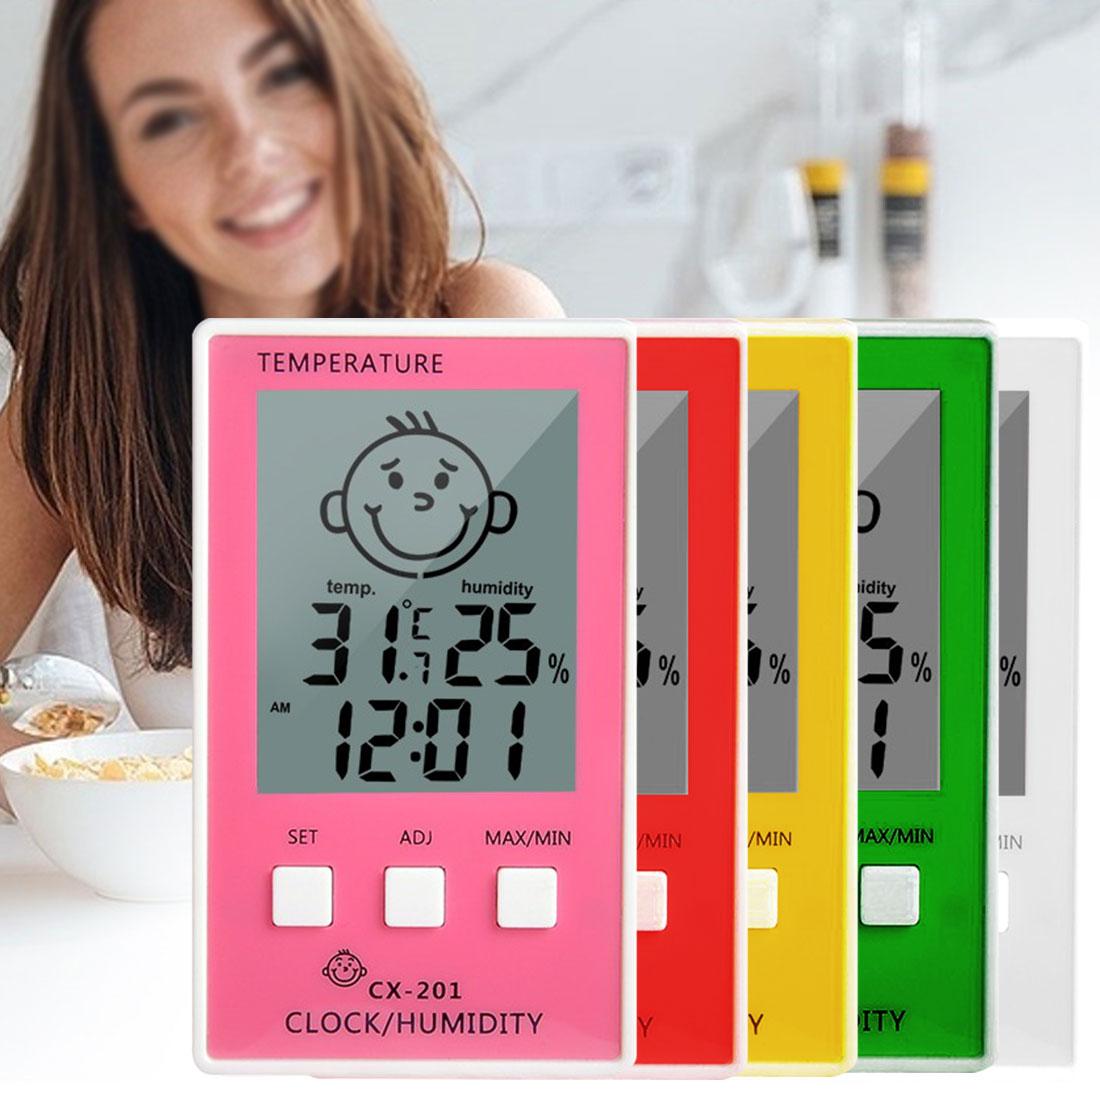 Цифровой термометр-гигрометр 3 в 1, устройство для измерения температуры и влажности, для ванной и детской комнаты